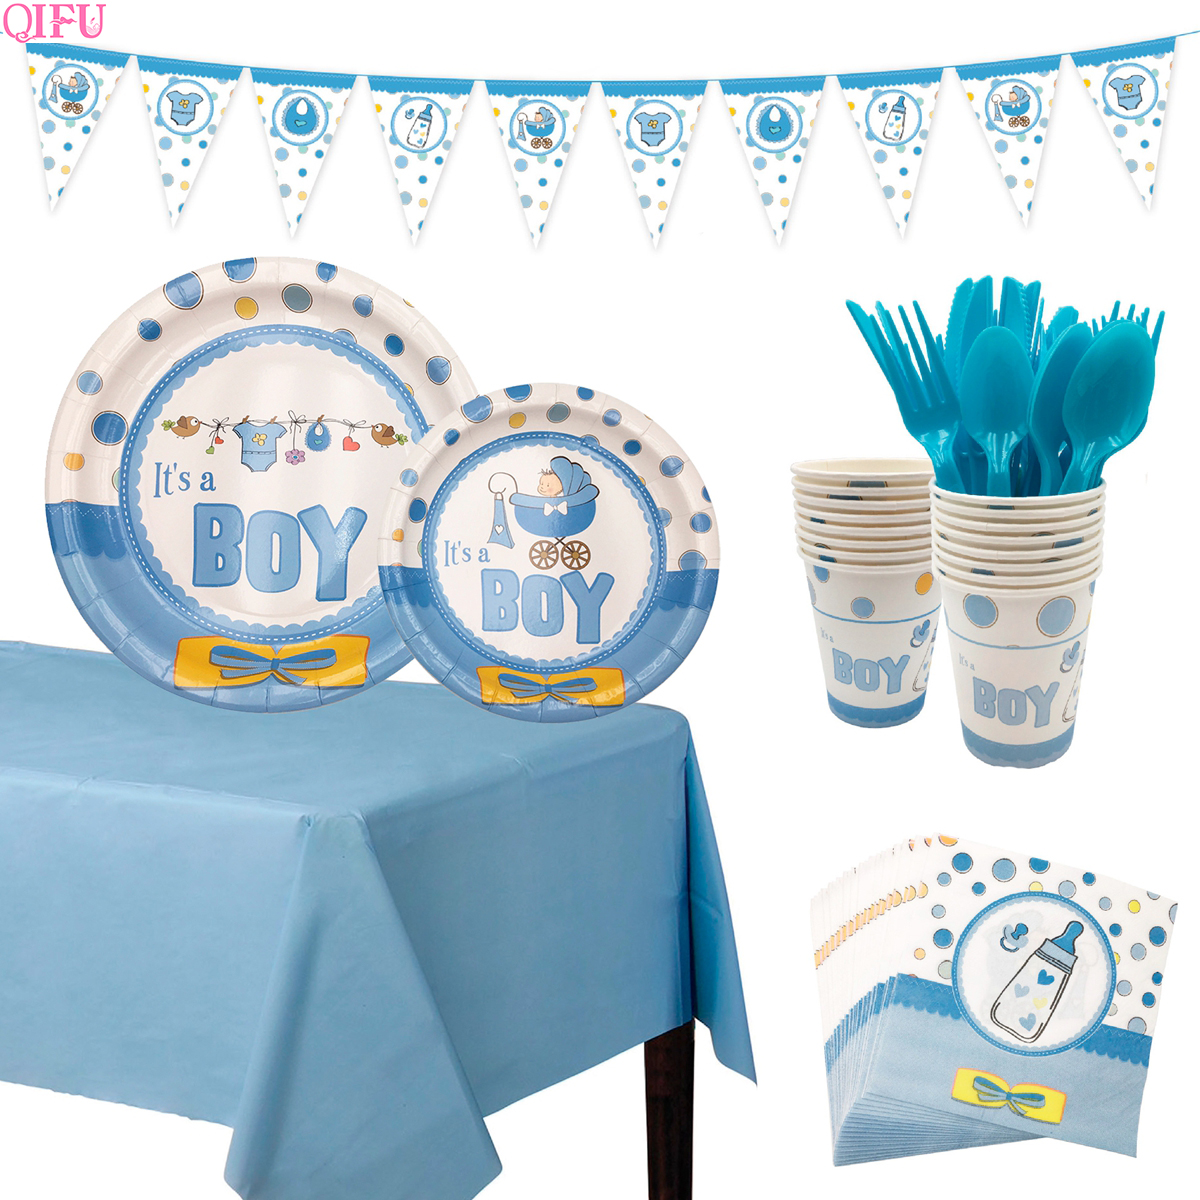 QIFU Oh Baby Boy Party Baby Shower Decoraties Baby Shower Ballonnen Banner Baby Shower Meisje Gunsten Gifts Doop Gunsten Supplies 1